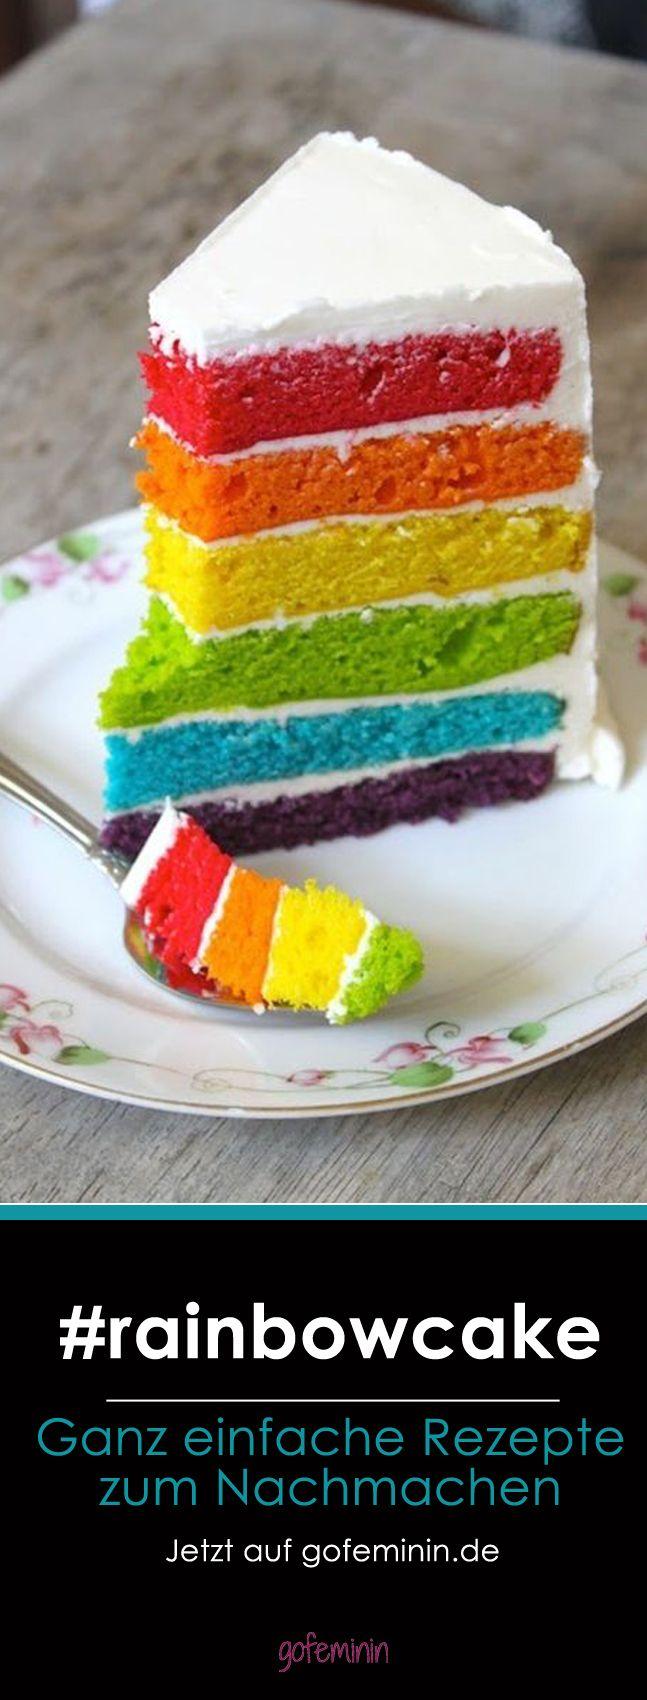 Mjam, mjam Regenbogenkuchen!  Jetzt auf gofeminin.de